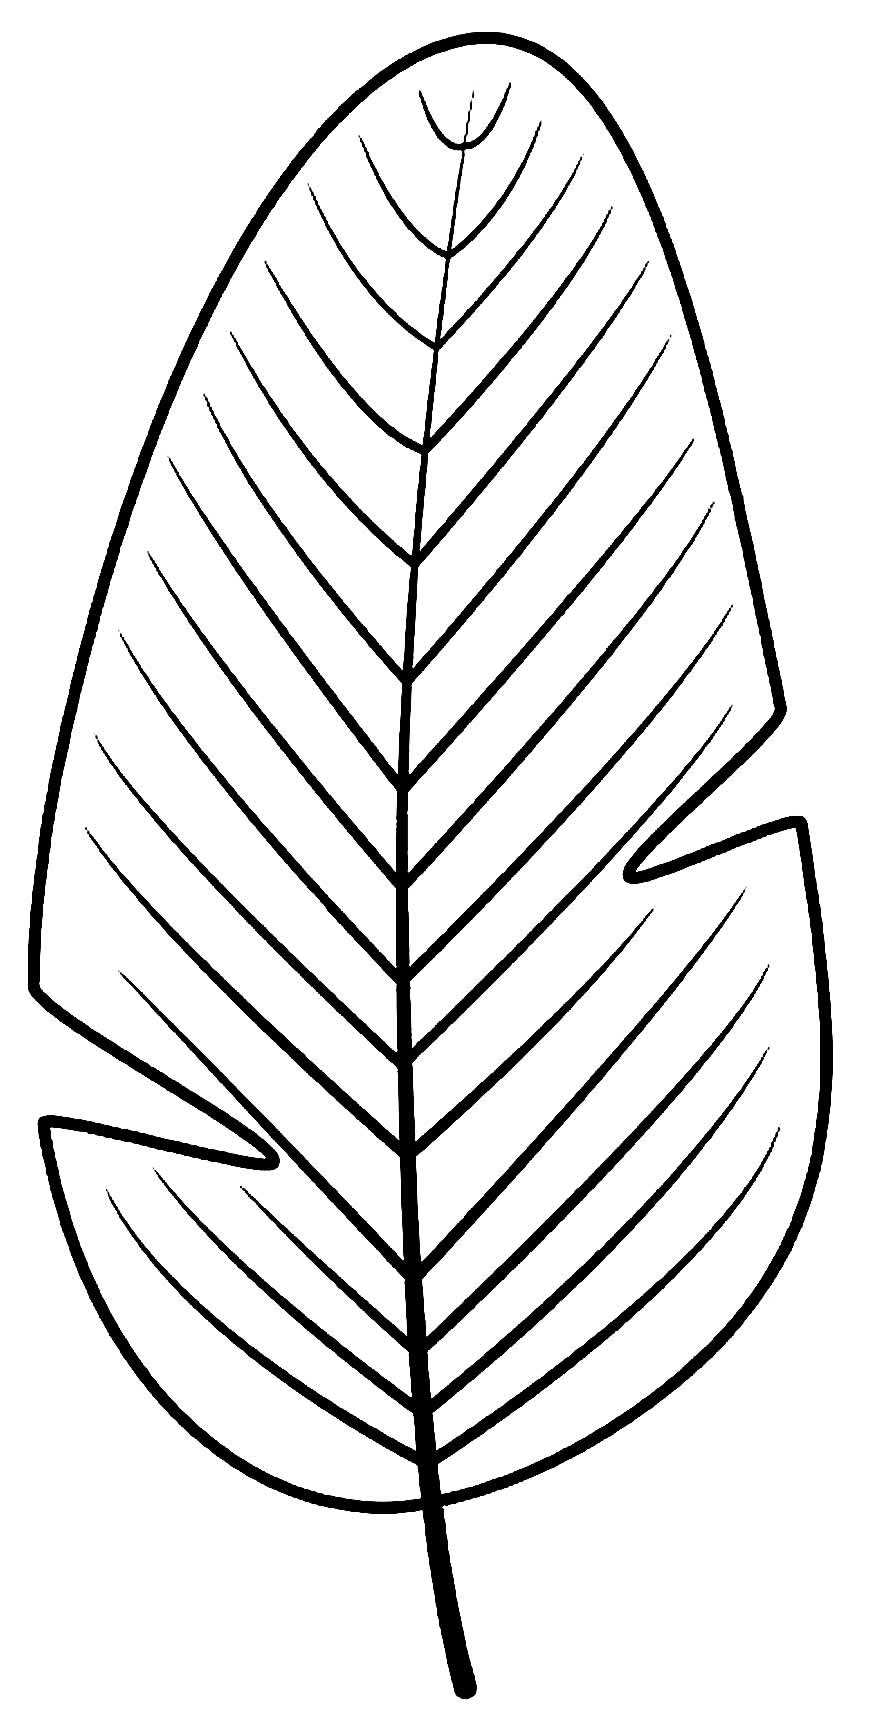 Molde de folha para decoração de festa